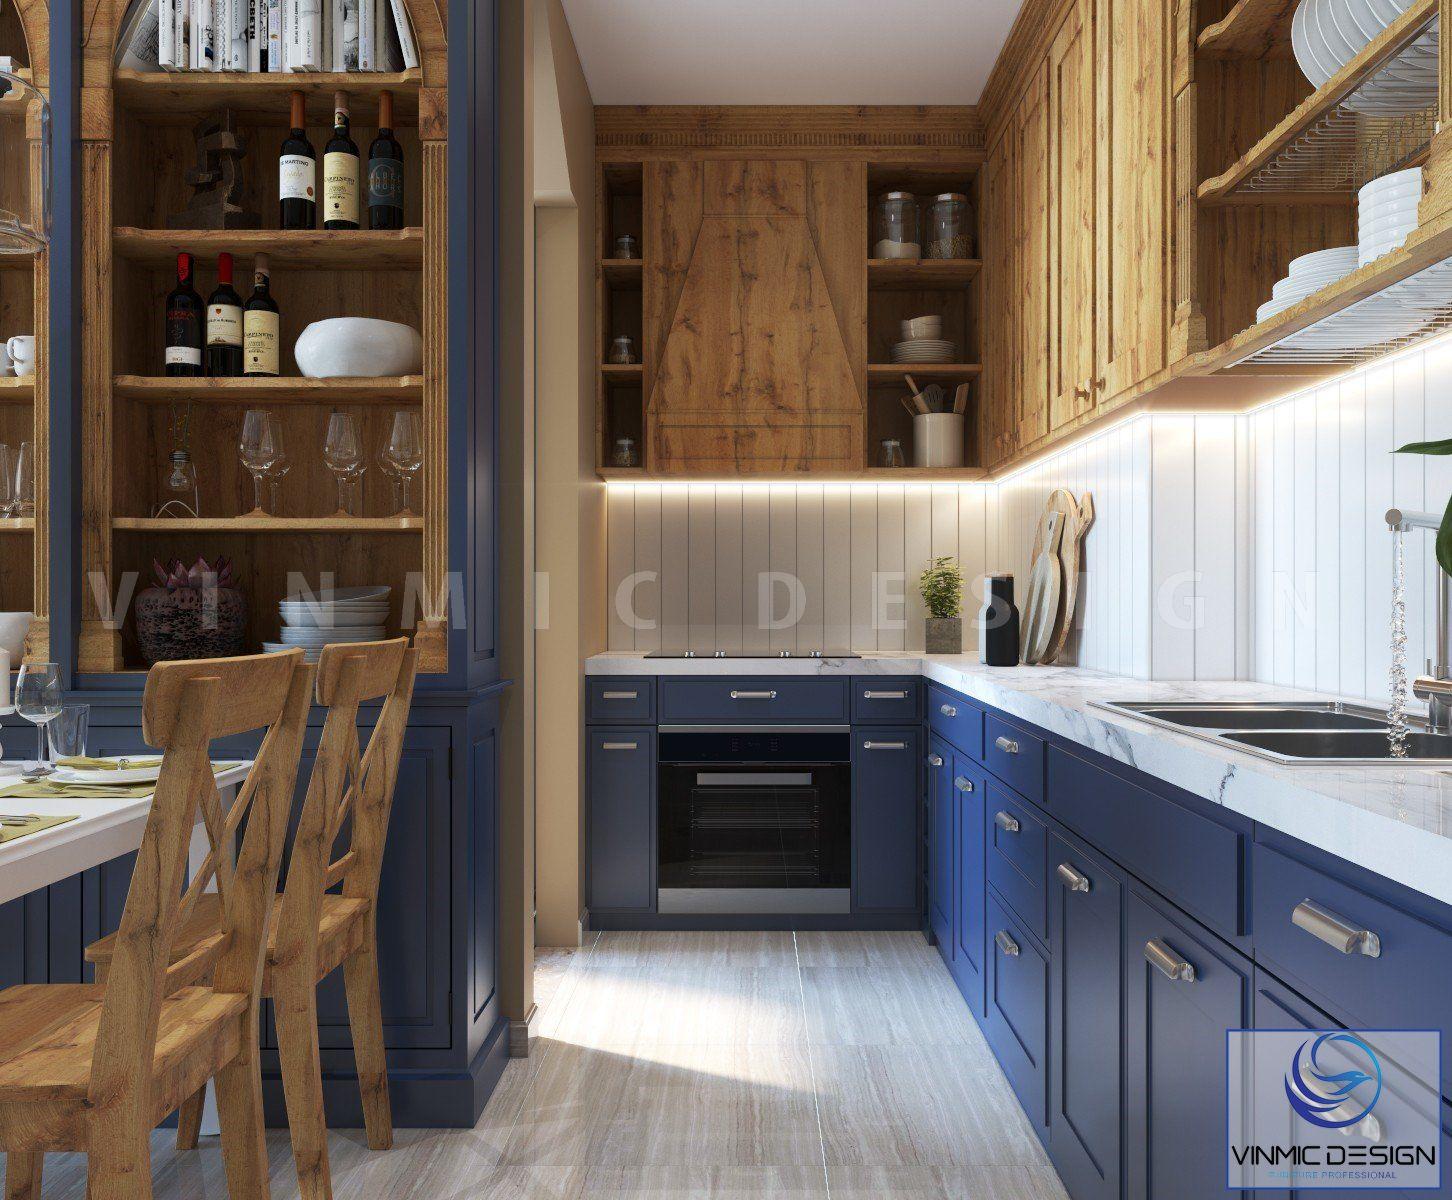 Thiết kế tủ bếp phong cách tân cổ đẹp mắt